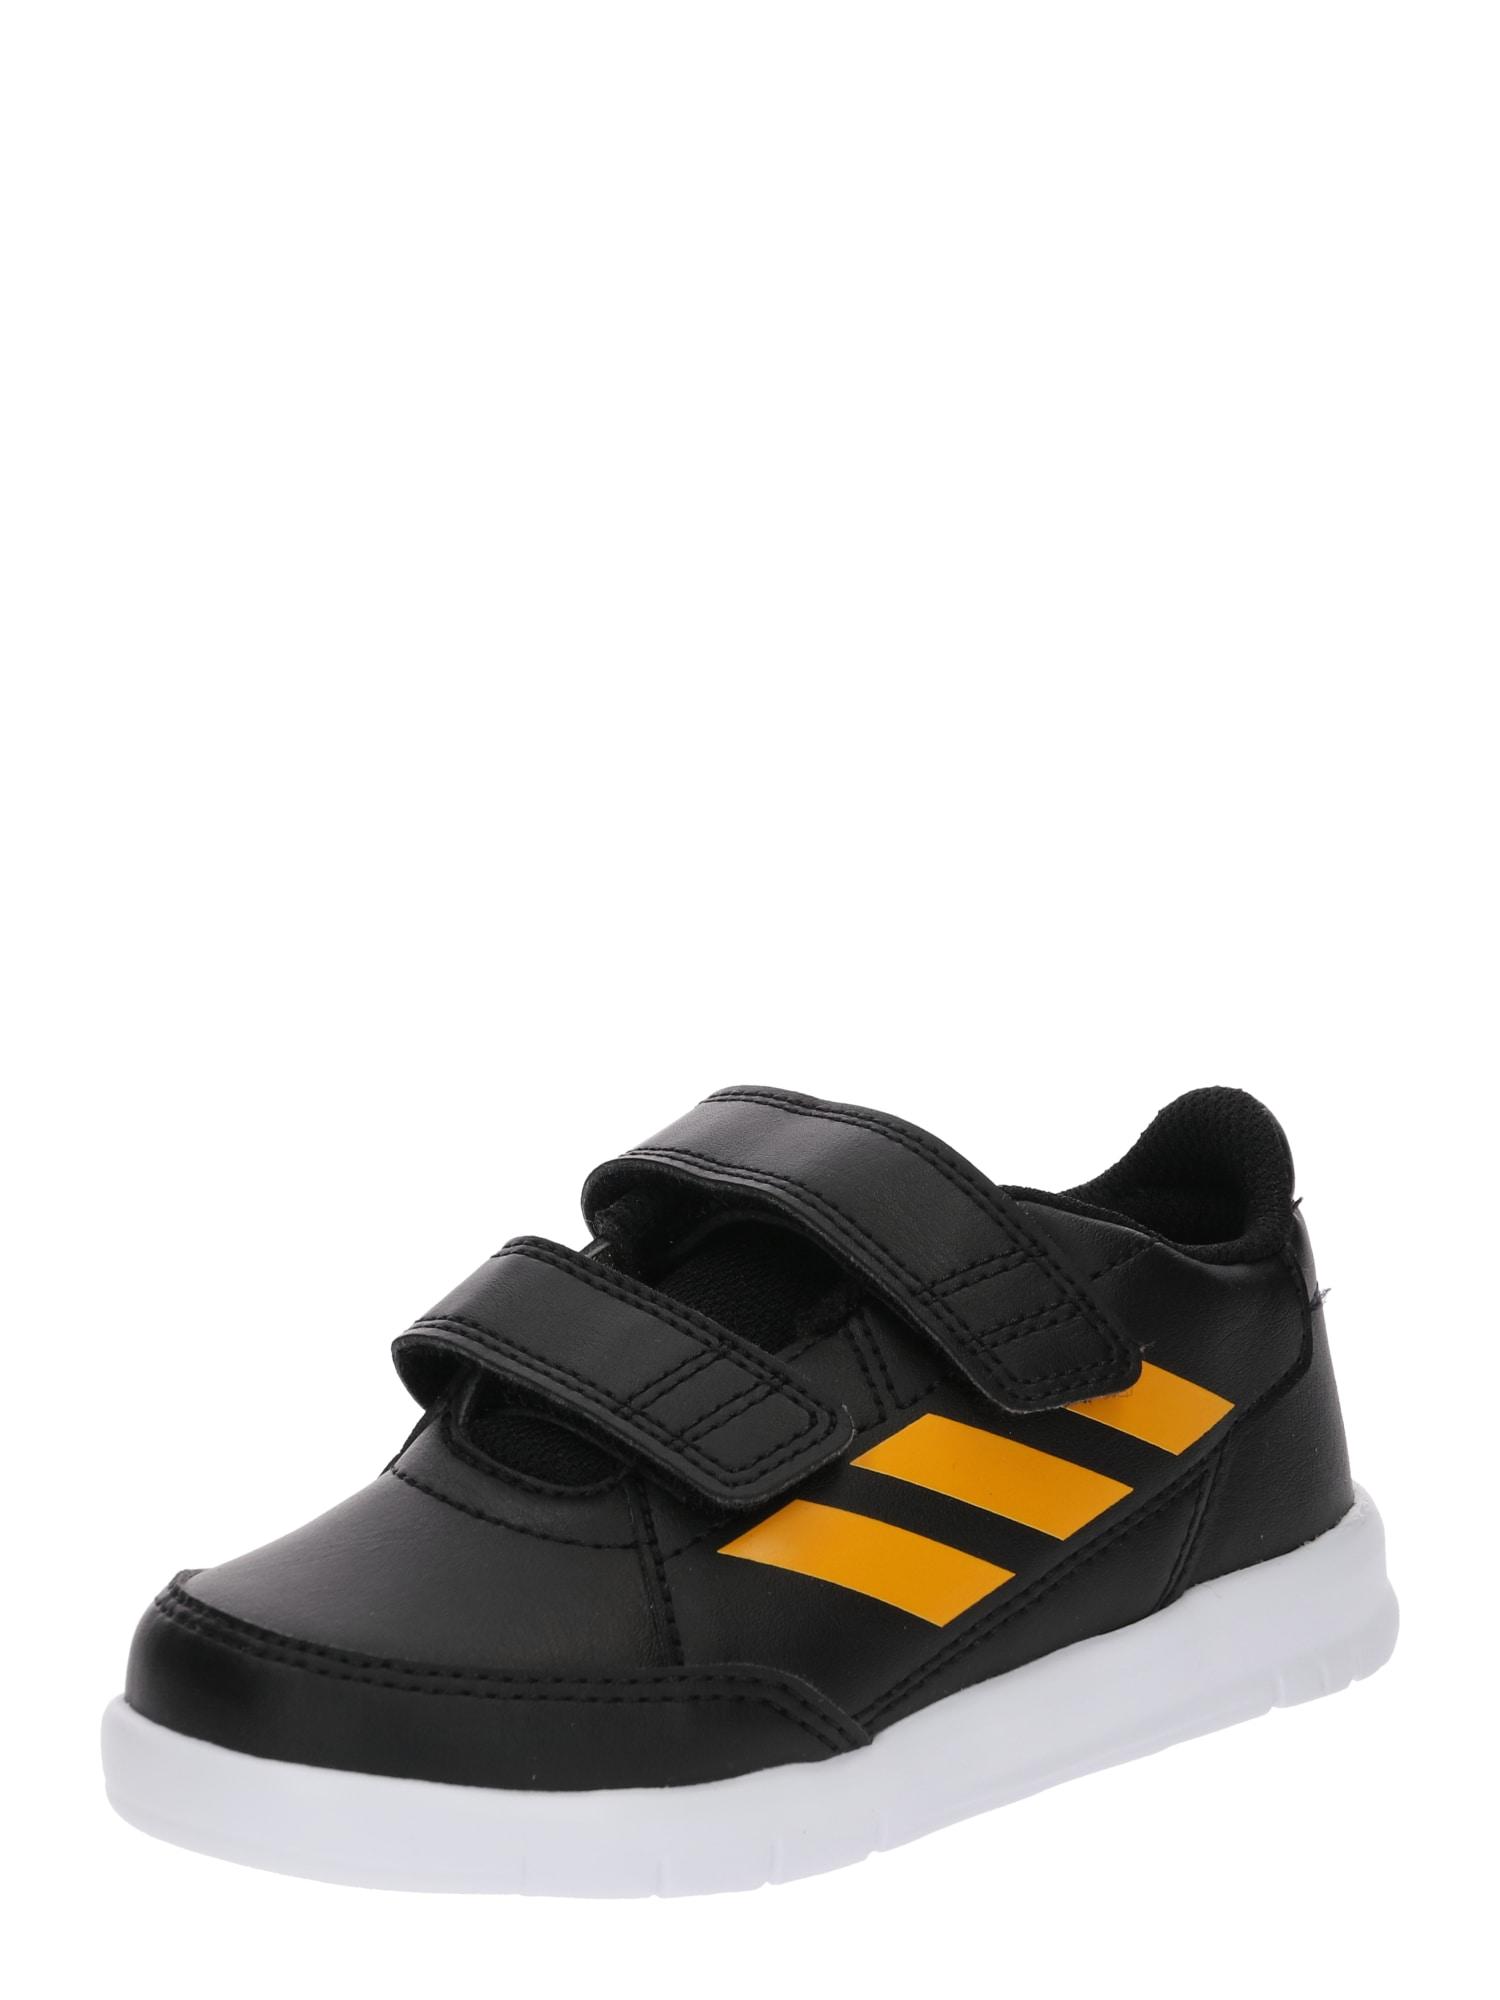 Sportovní boty AltaSport CF I oranžová černá ADIDAS PERFORMANCE